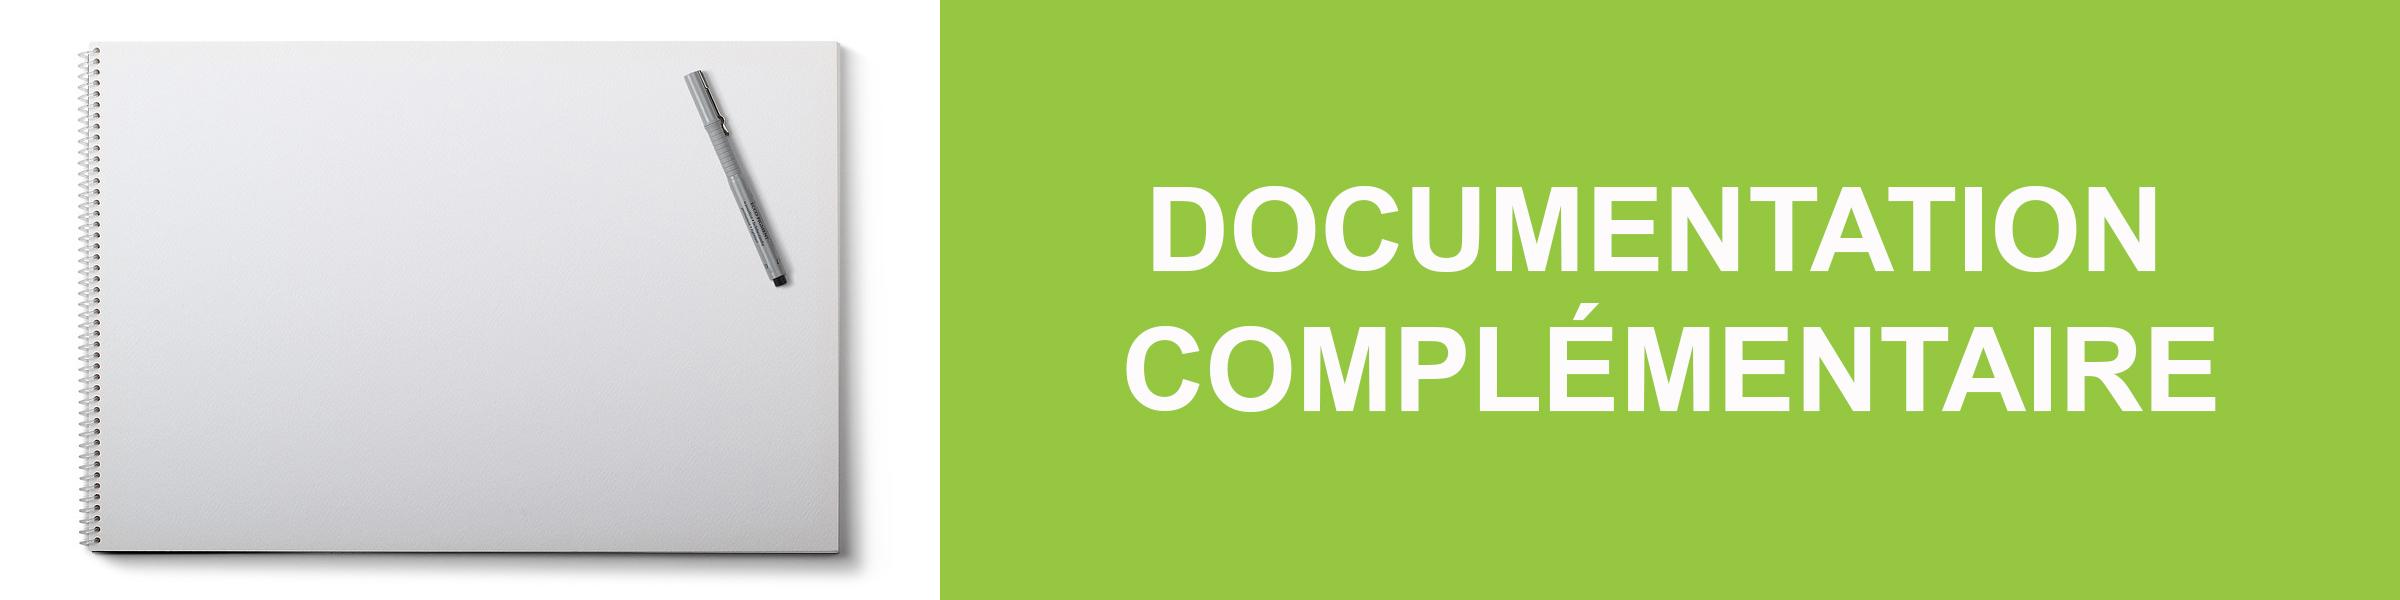 Documentation_complémentaire